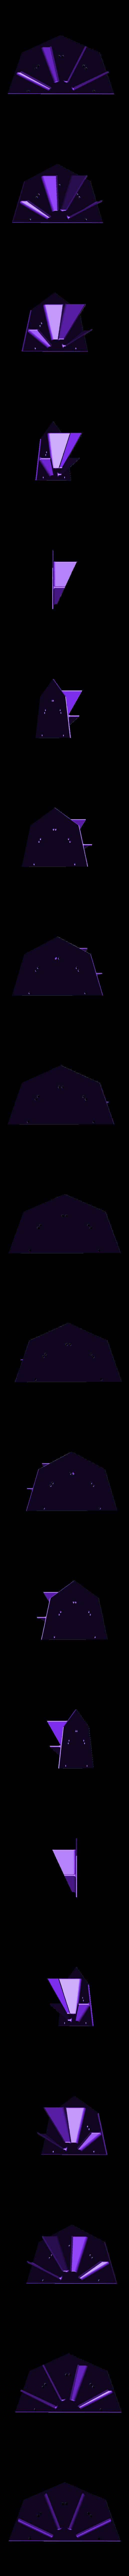 25deg_plate.stl Télécharger fichier STL gratuit Enceintes pour les tweeters ambiants de la BMR • Modèle pour imprimante 3D, bwaslo